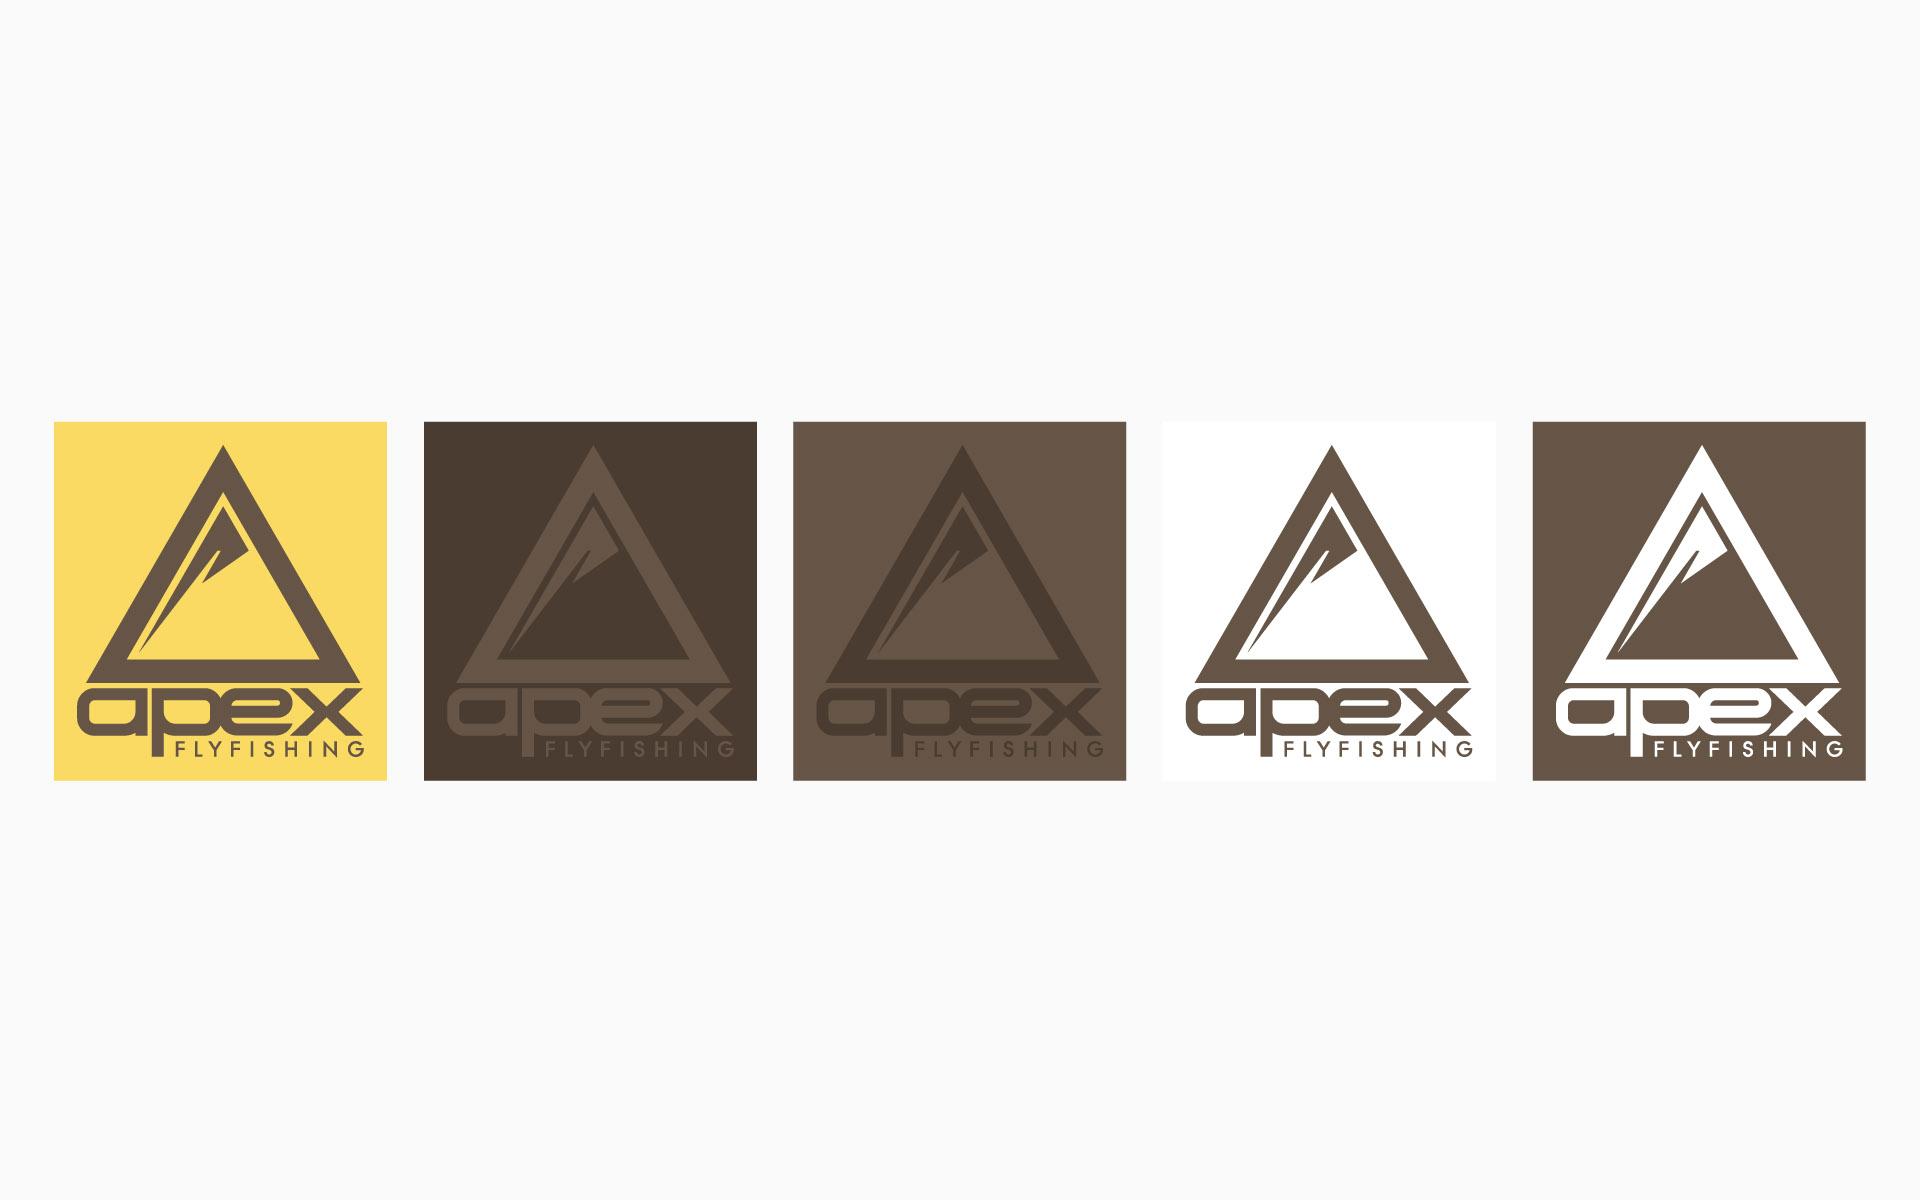 Apex Flyfishing Brand Identity